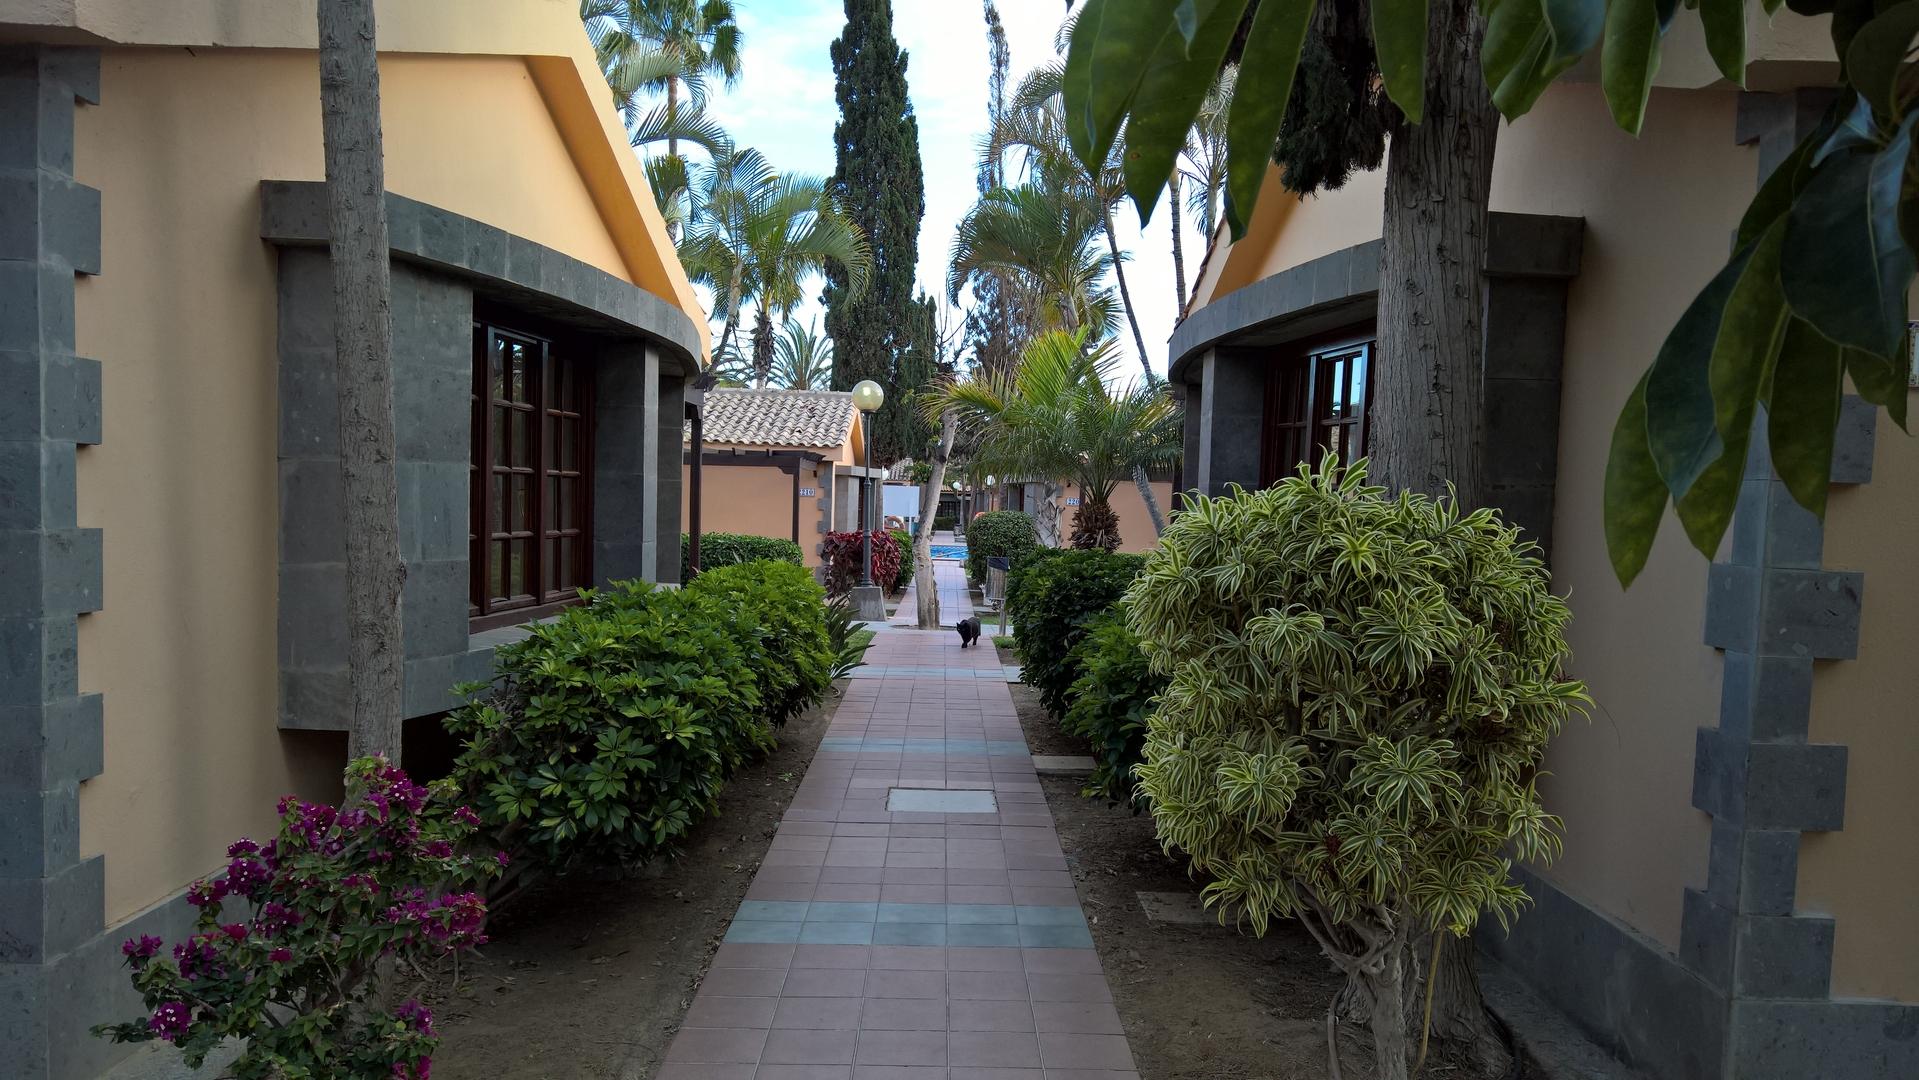 Unsere Hotelanlage, samt Hotelkatze